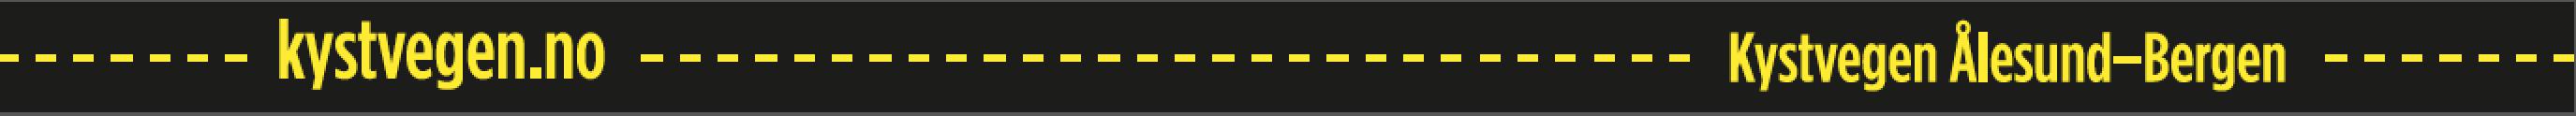 kystvegen.no - gul stripe